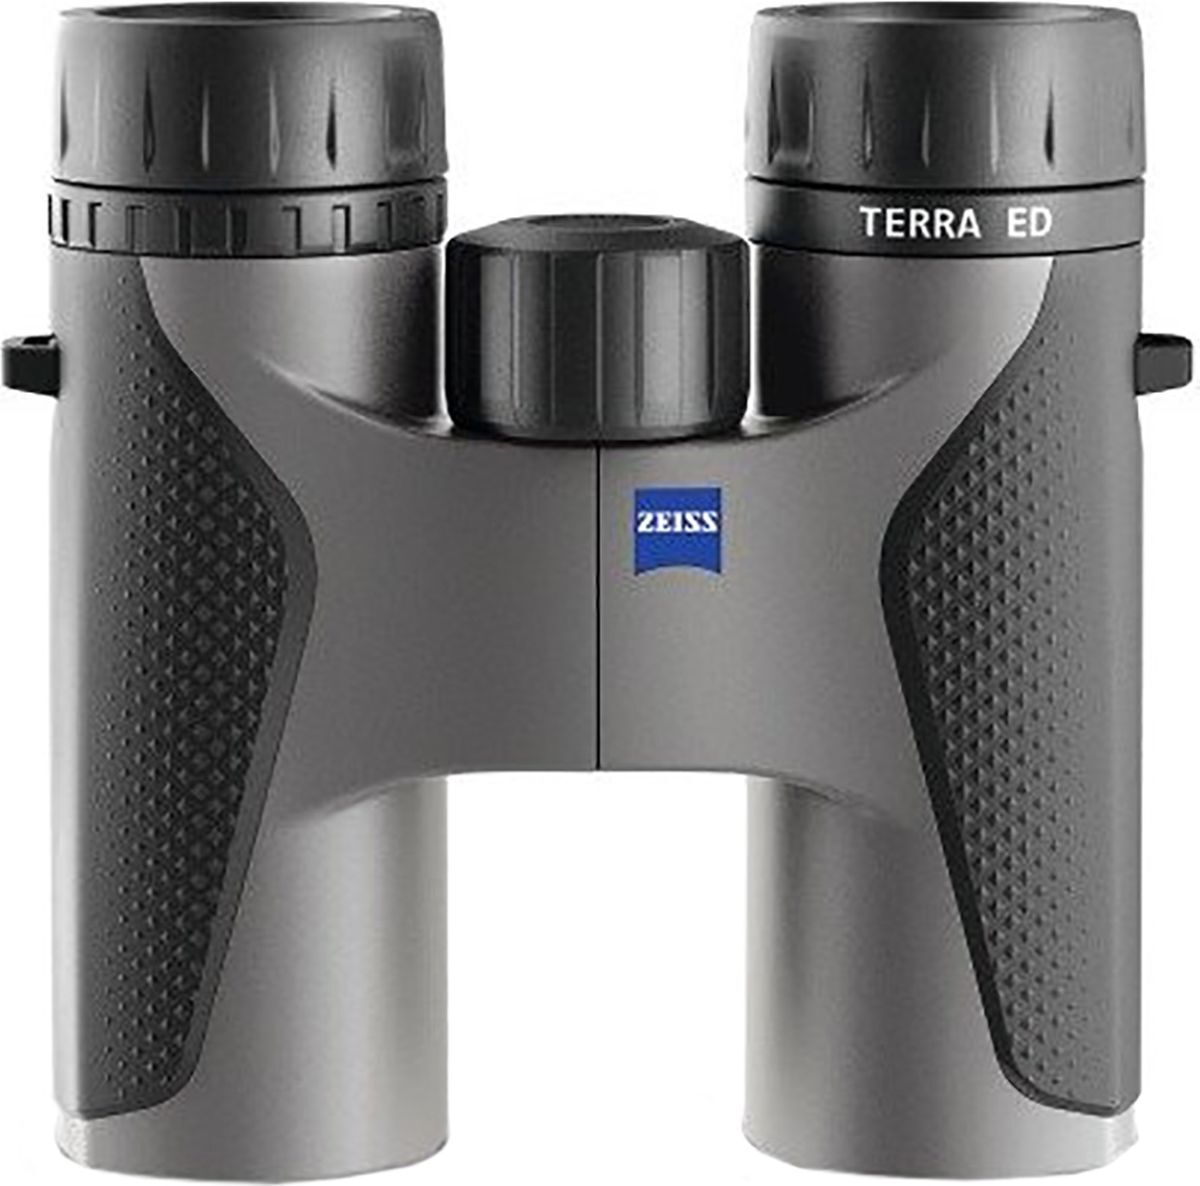 Бинокль Zeiss Terra Ed 10x32, черный, серый